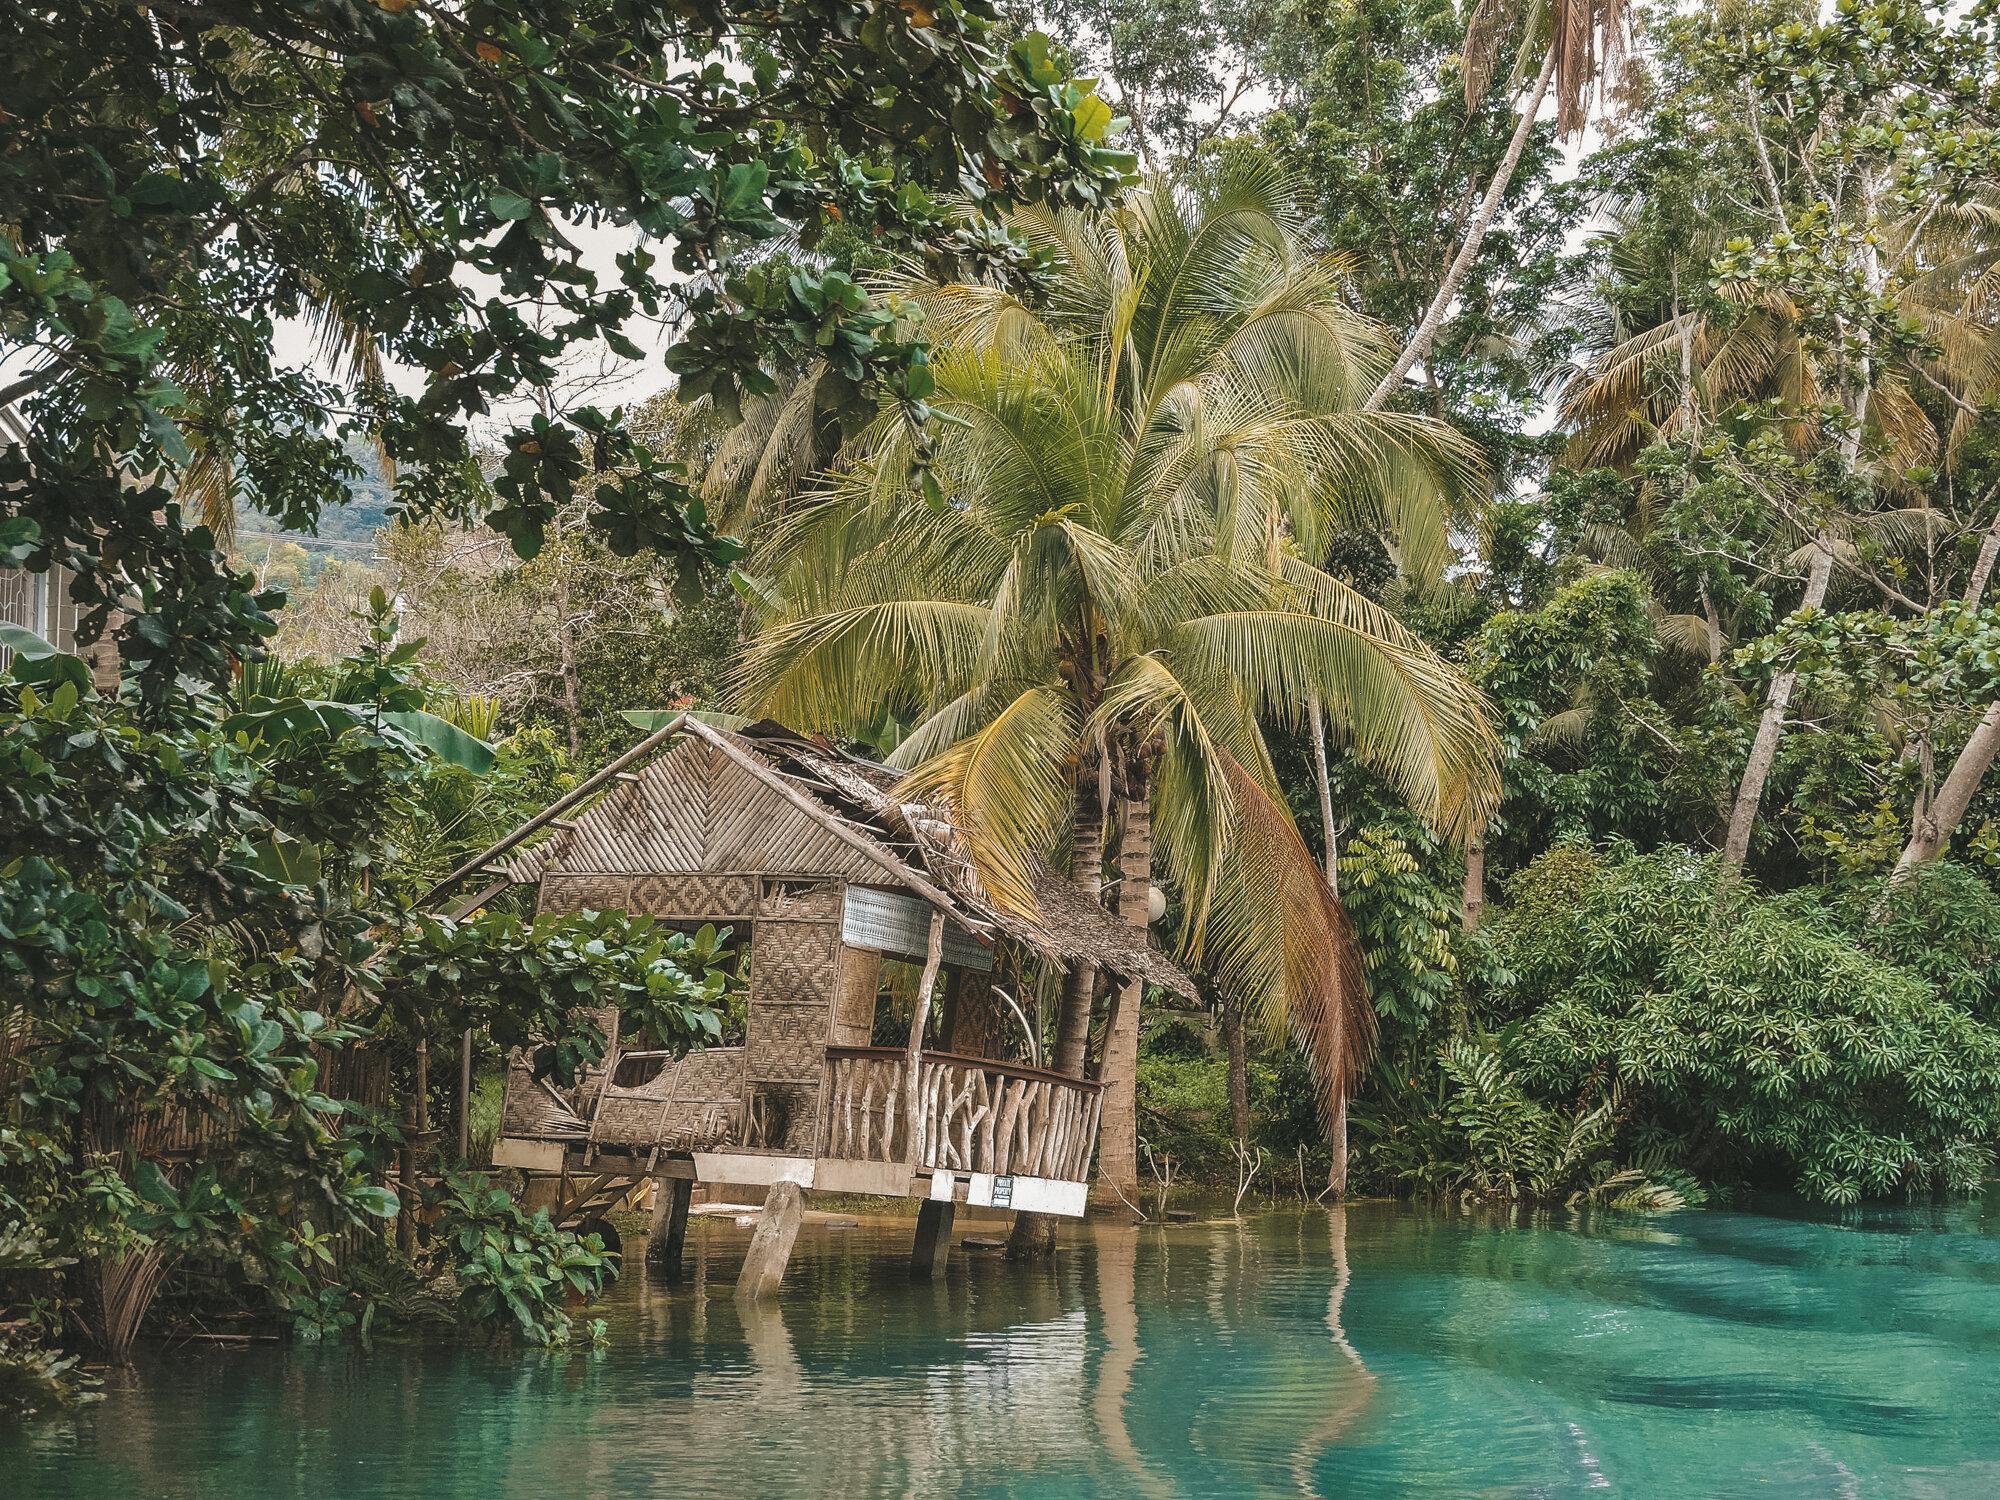 在菲律宾保和的Loboc河沿岸,一间用高跷搭建的bahay kubo小屋-图片来自@karenaileen